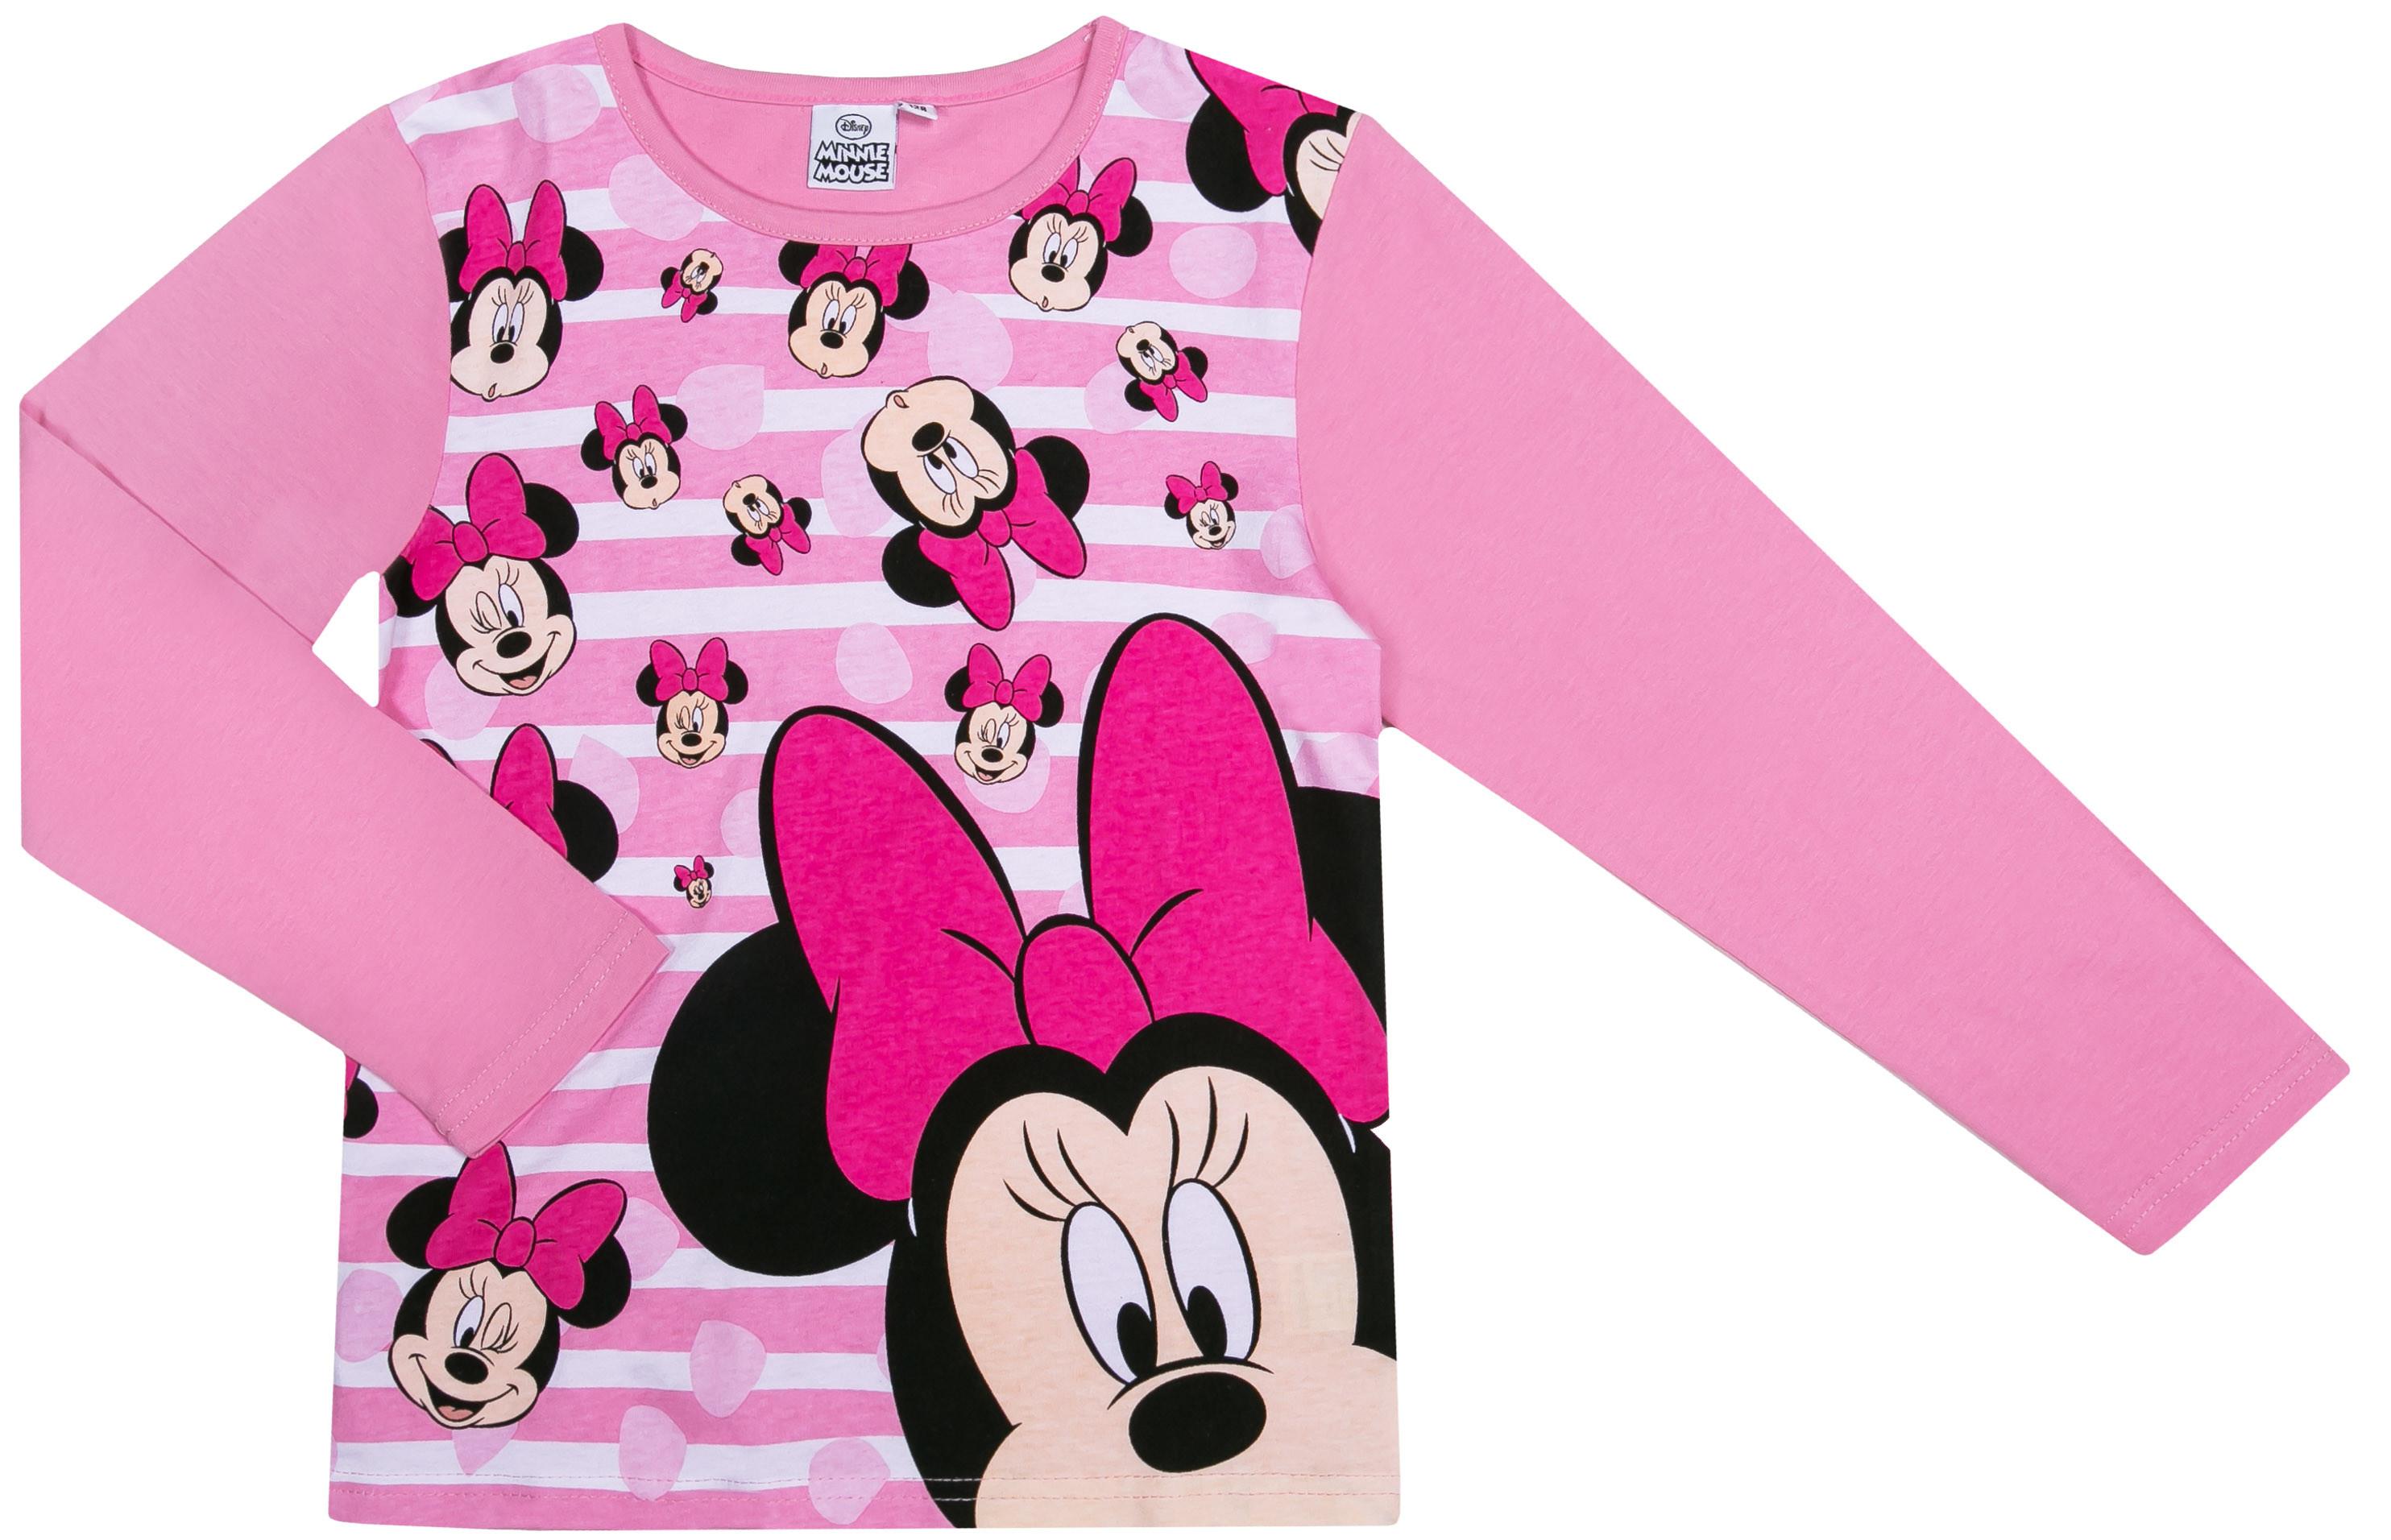 Пижамы Disney minnie Пижама для девочки Minnie Mouse, розовая цены онлайн